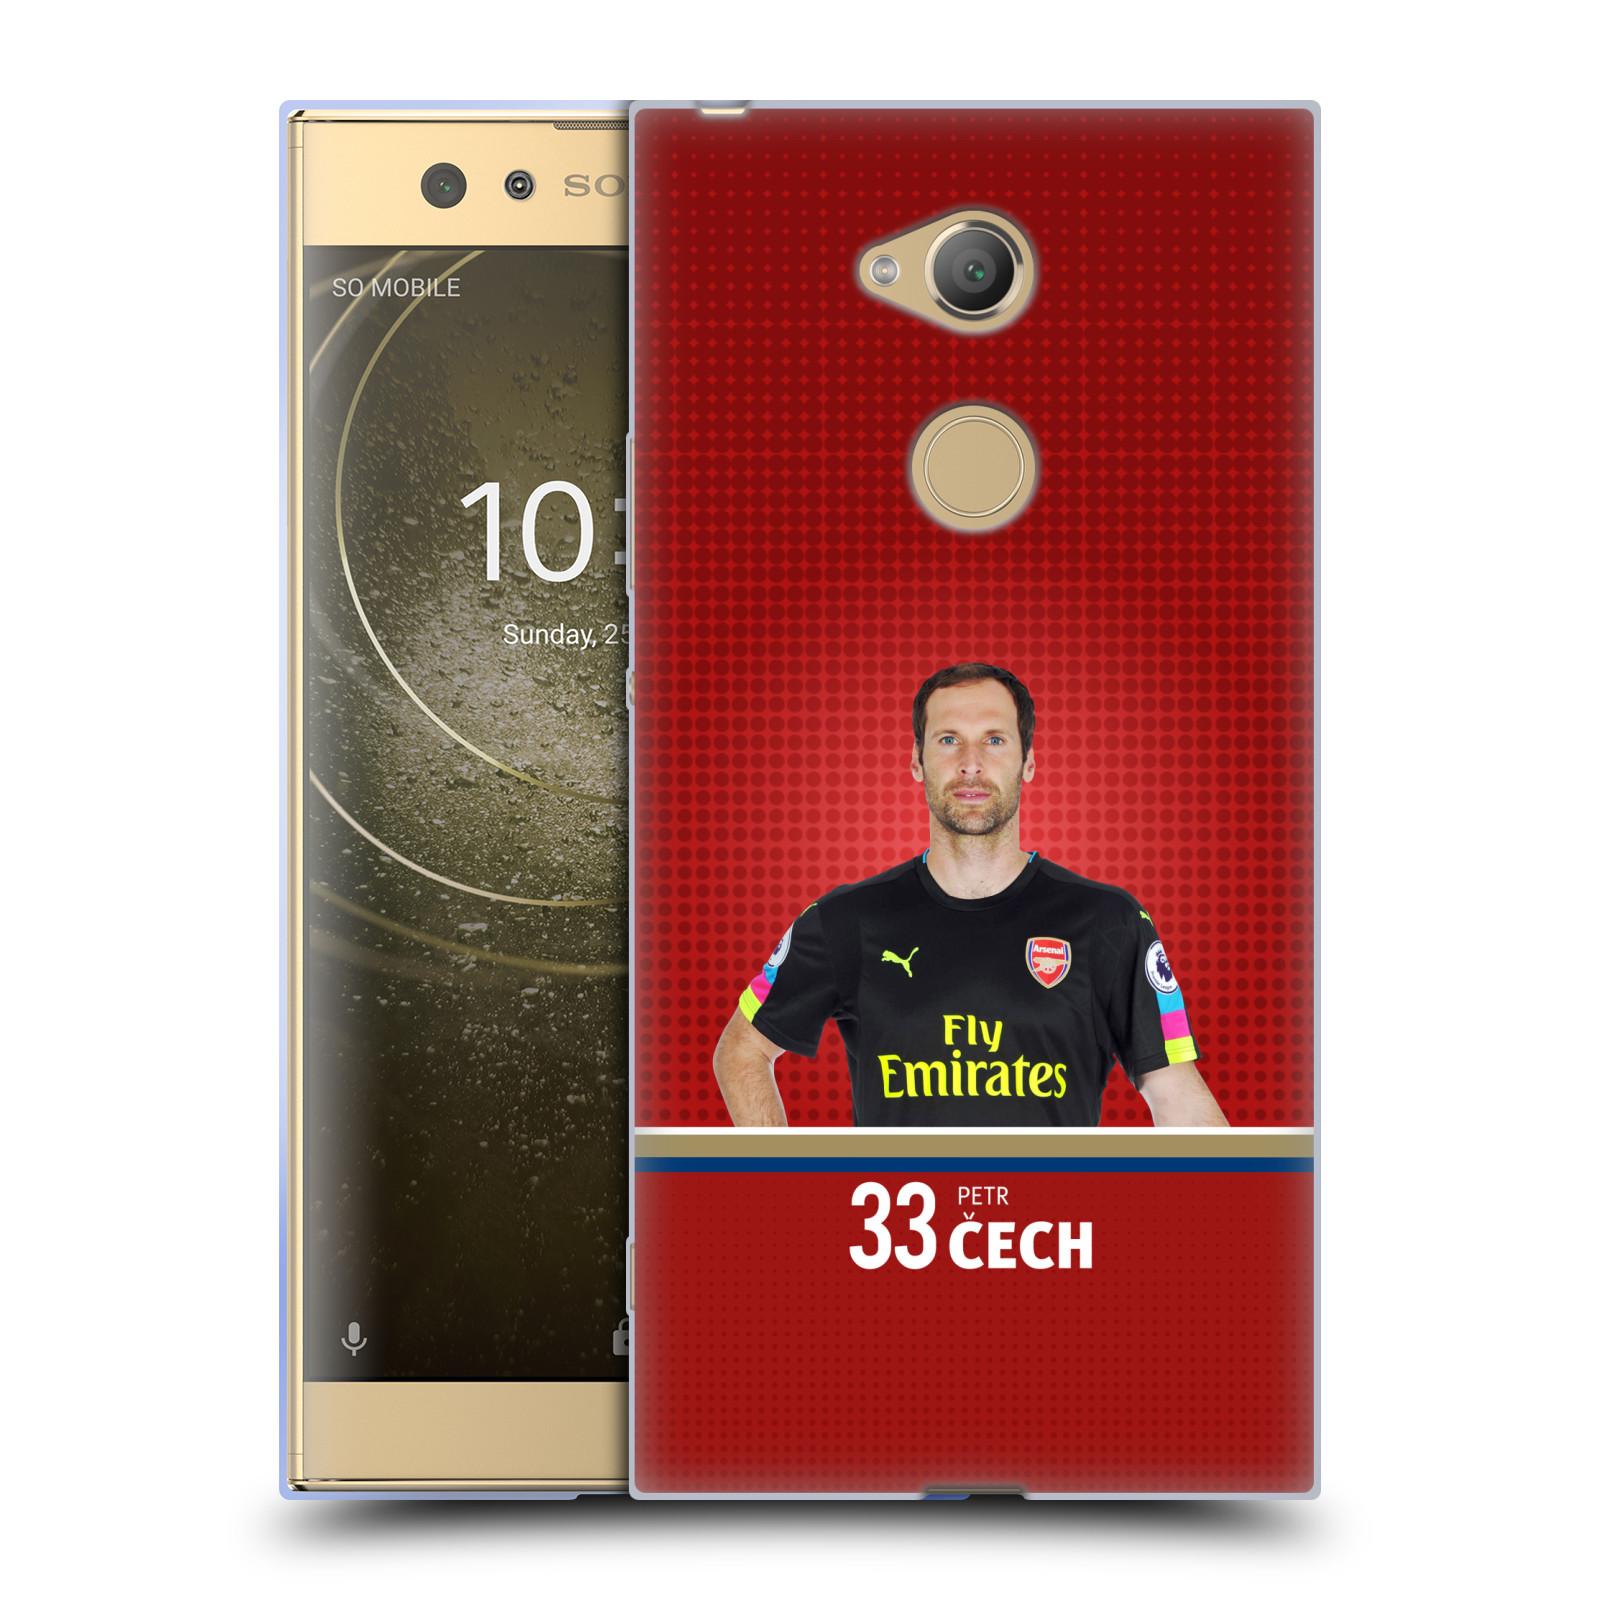 Silikonové pouzdro na mobil Sony Xperia XA2 Ultra - Head Case - Arsenal FC - Petr Čech